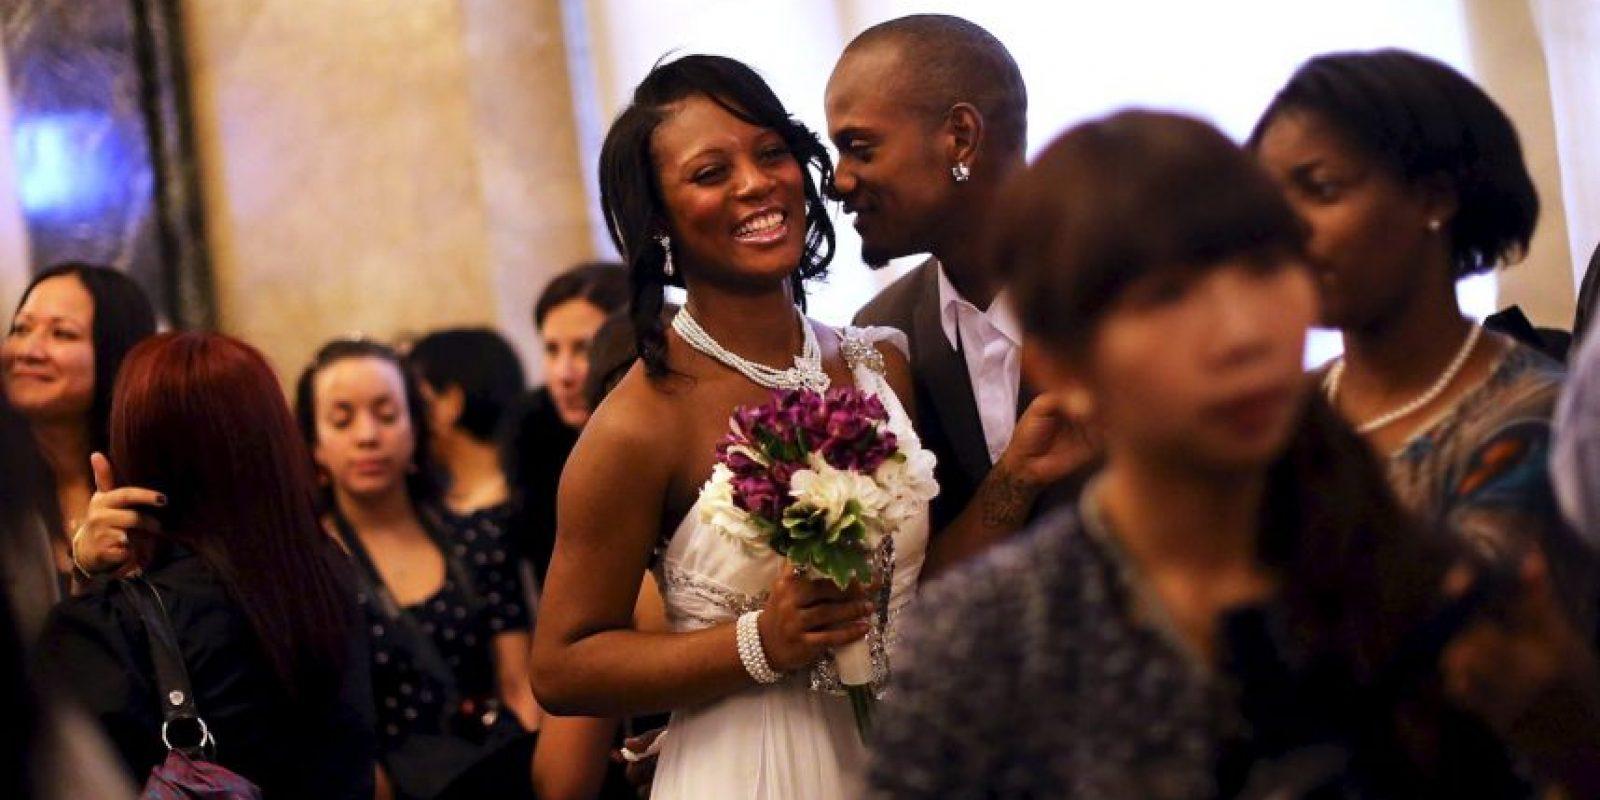 5. El amor conduce al crecimiento emocional y espiritual. Foto:Getty Images